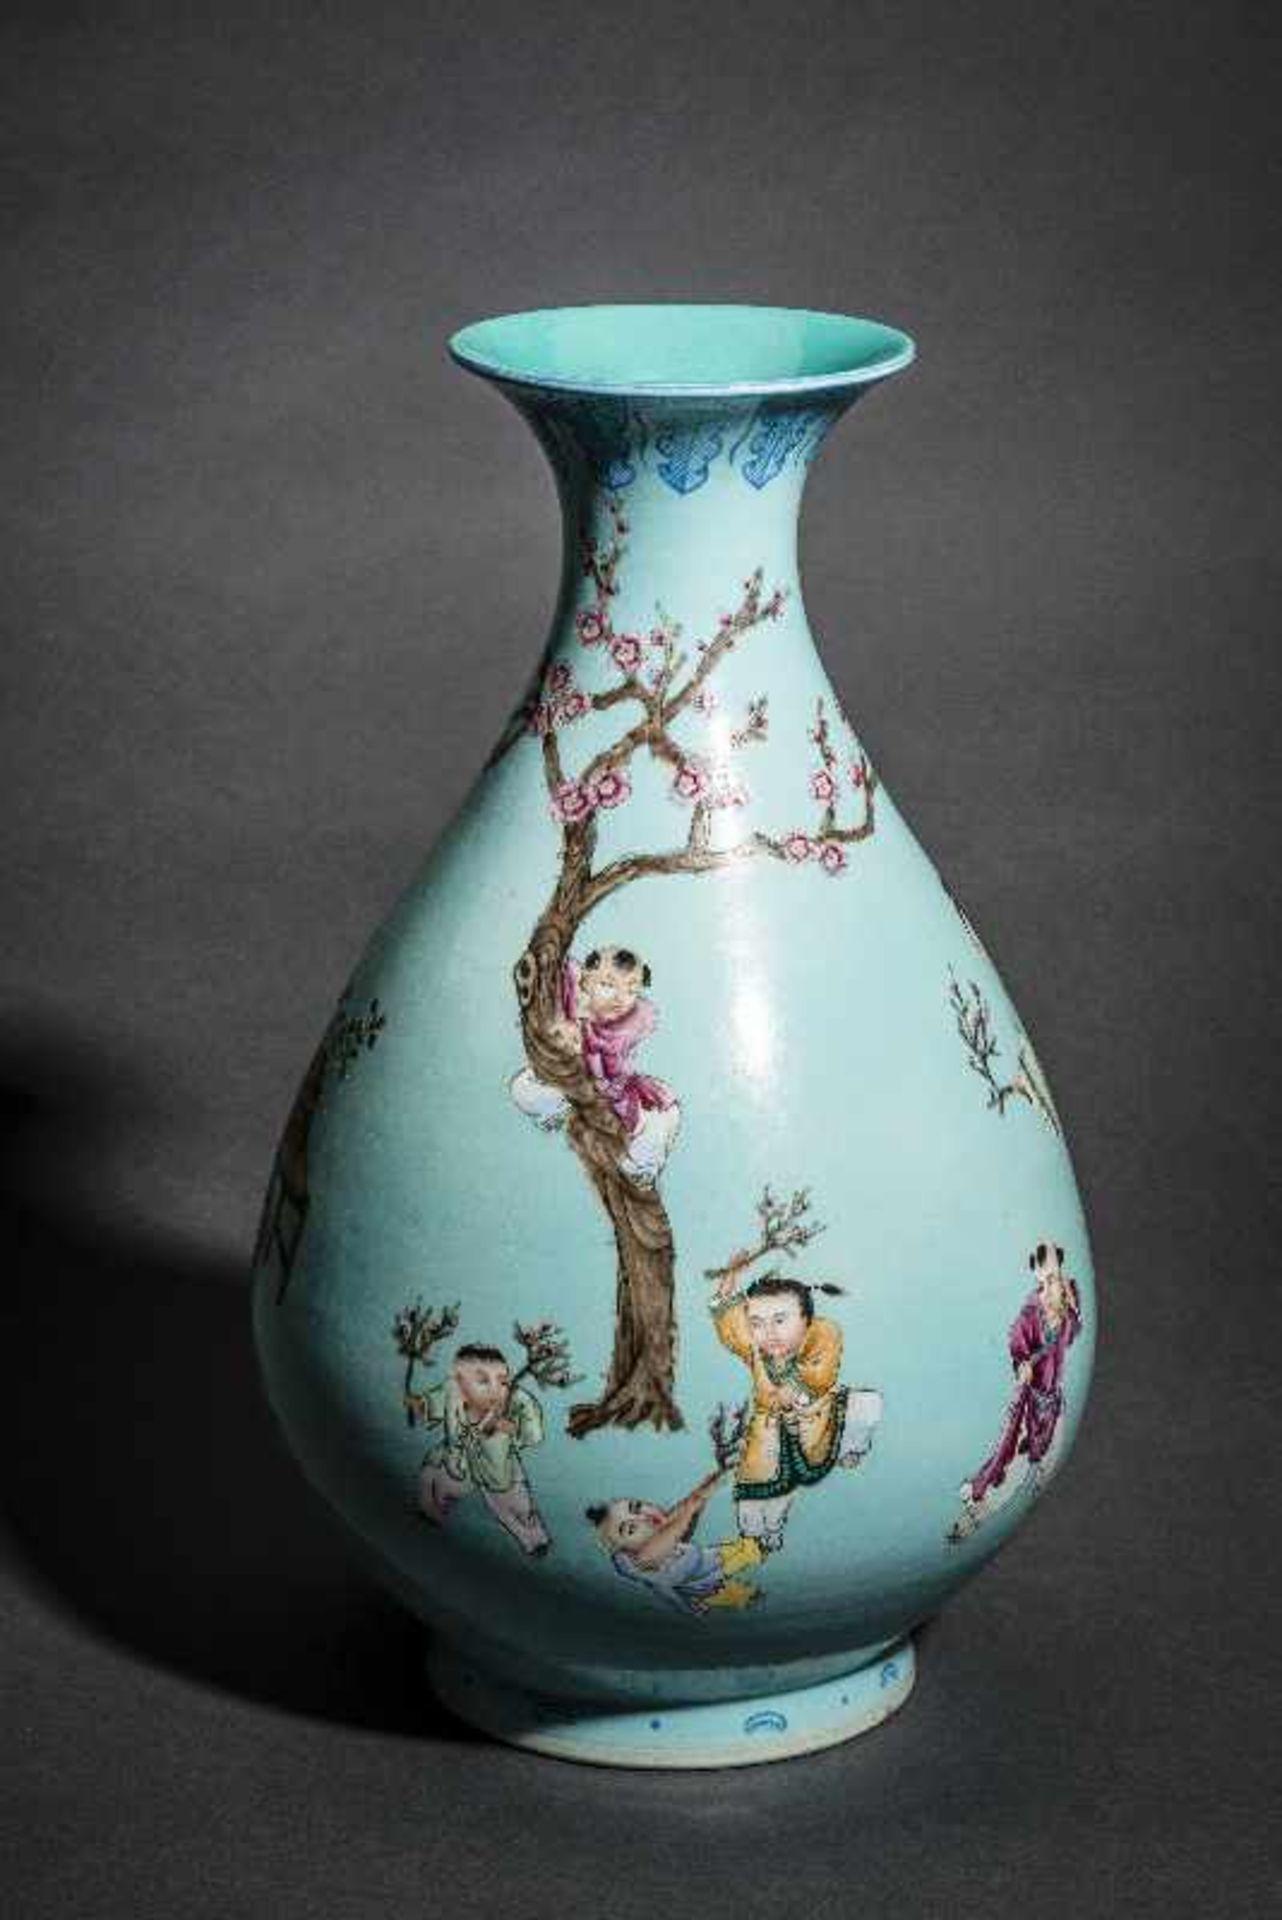 GROSSE VASE MIT SPIELENDEN KNABEN Porzellan mit Emailfarben. China, Auf türkis-blaugrünem Grund sind